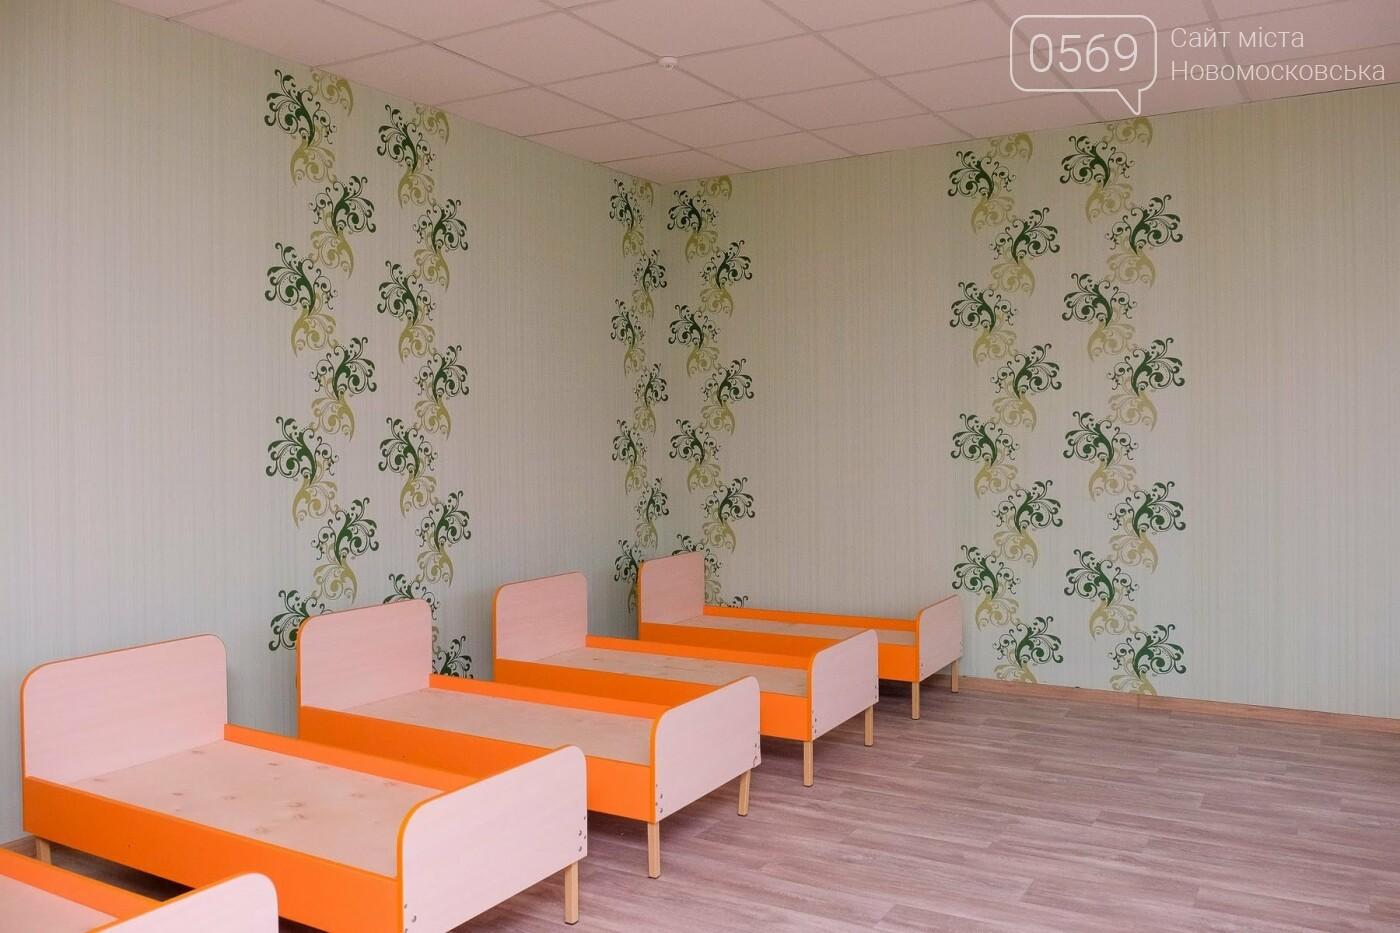 Реконструкція Миколаївської школи завершується, фото-2